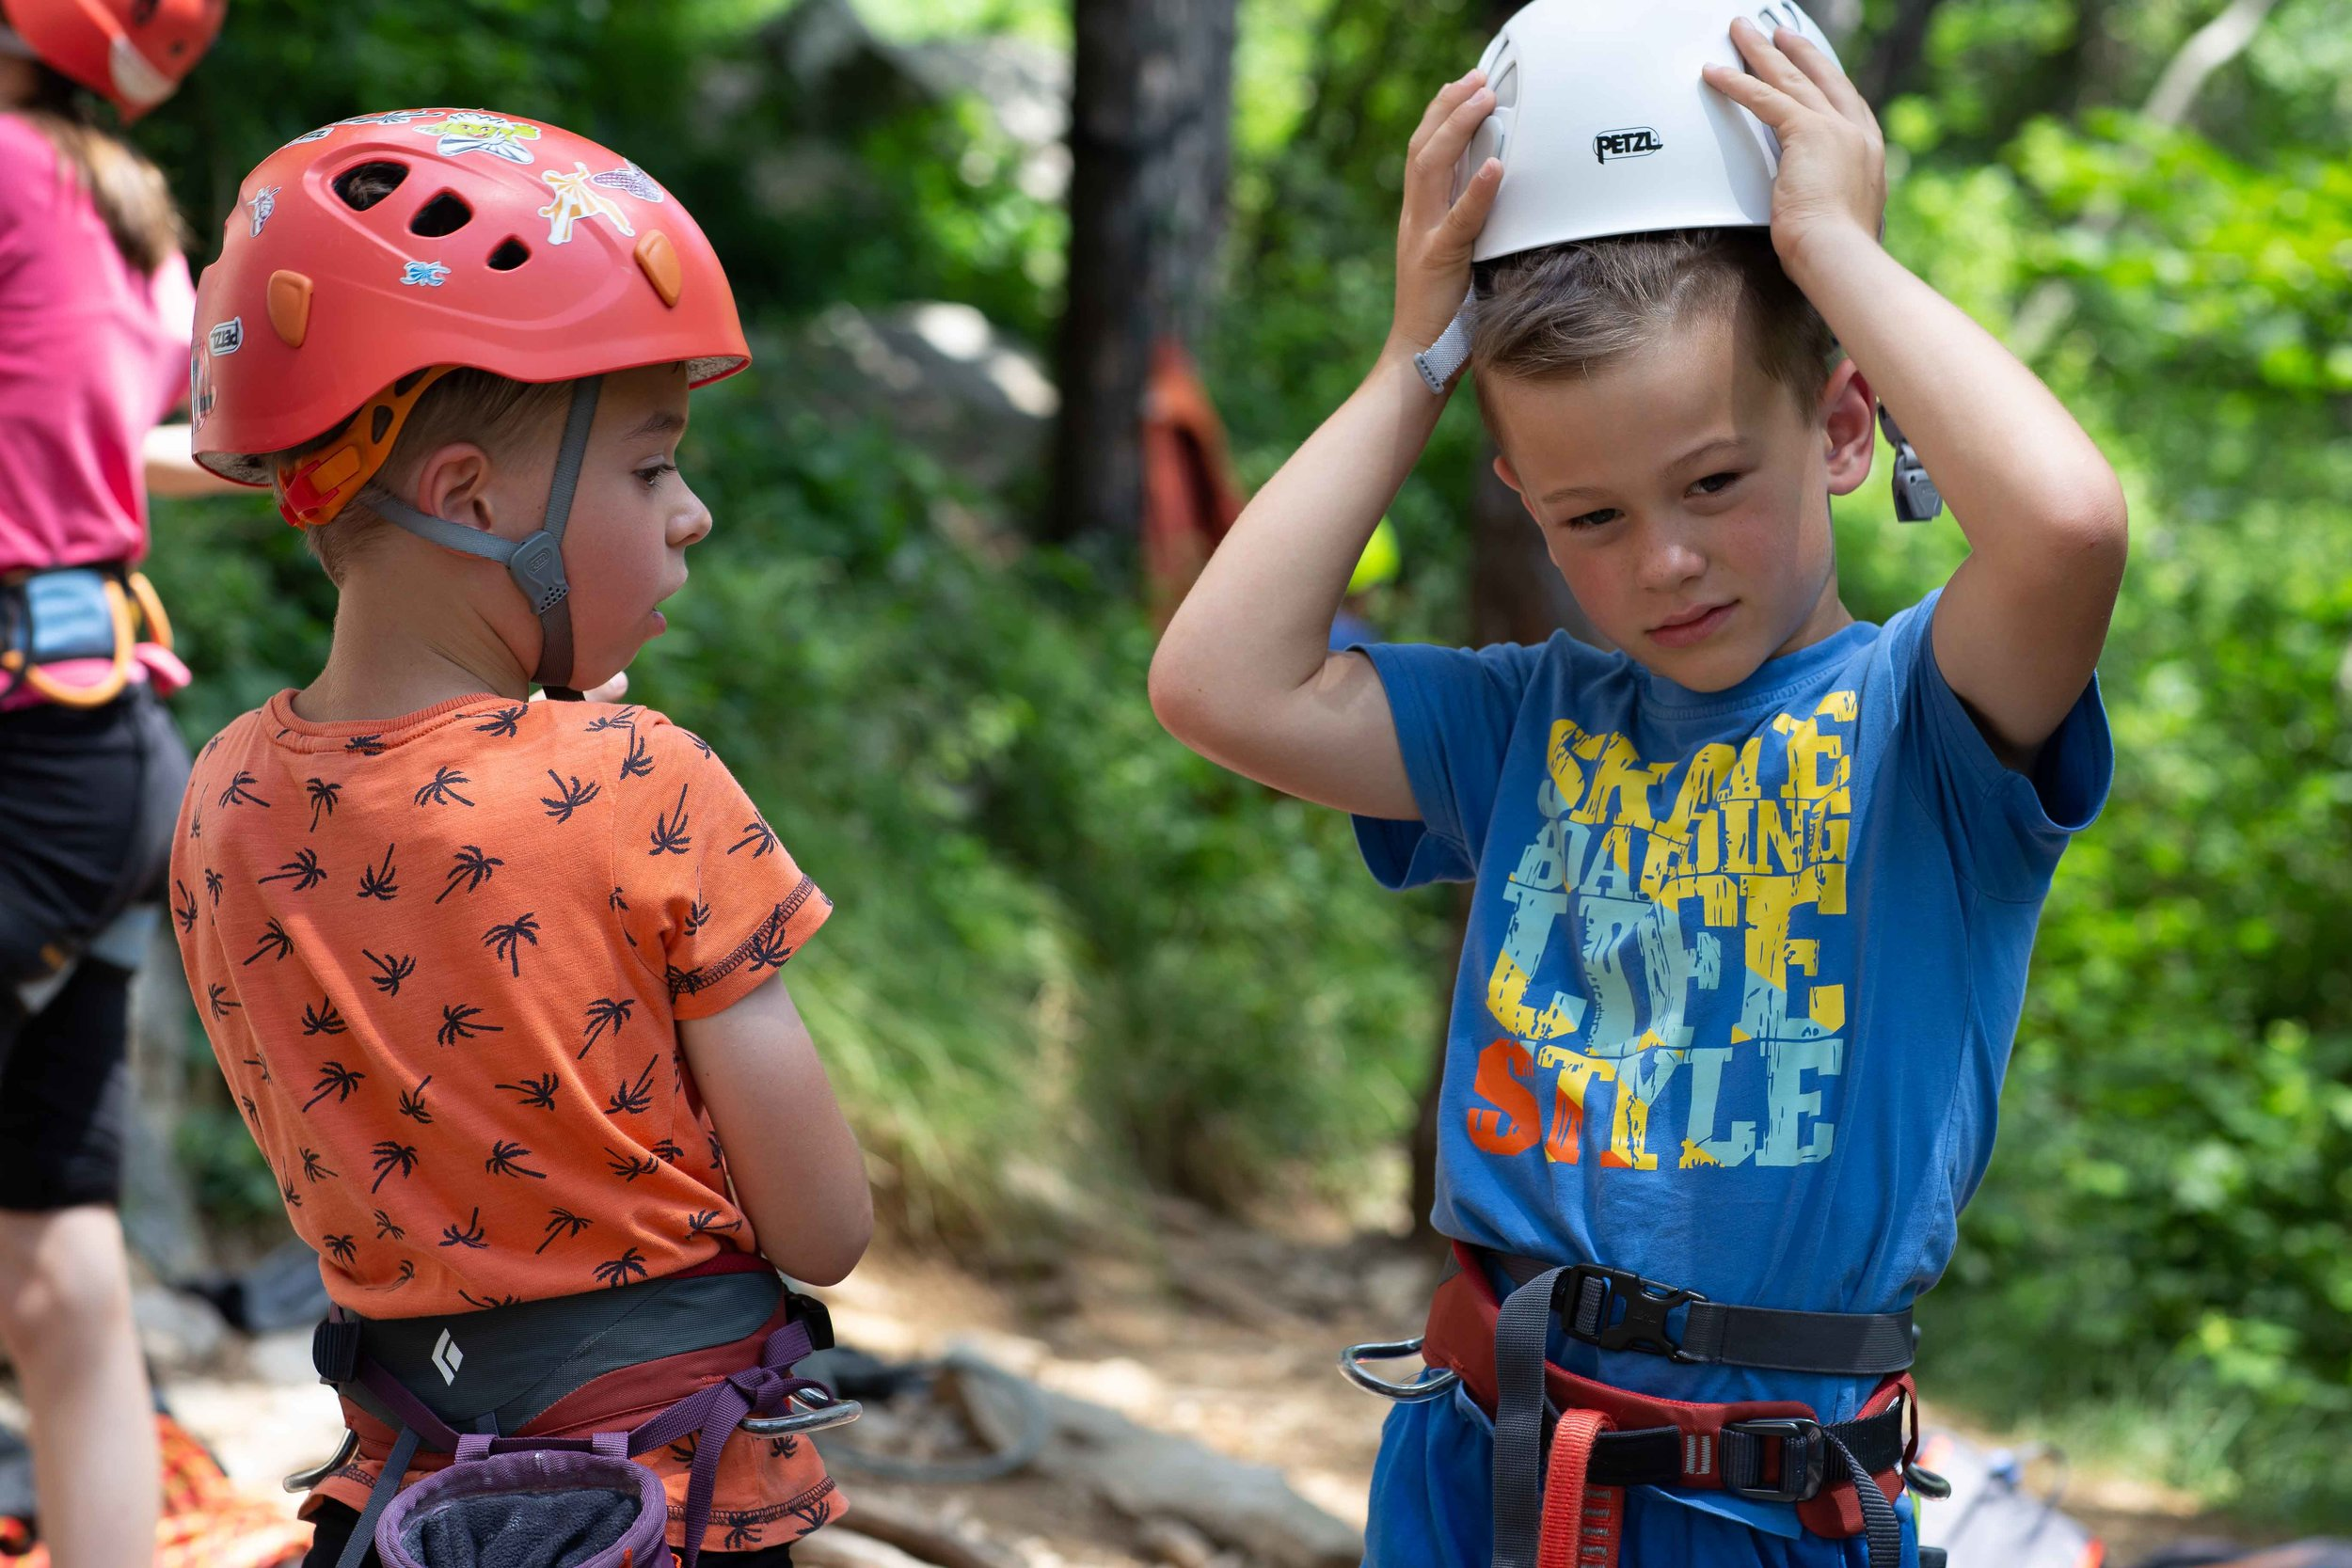 Zaključni plezalni izlet za otroke Grif_70.jpg